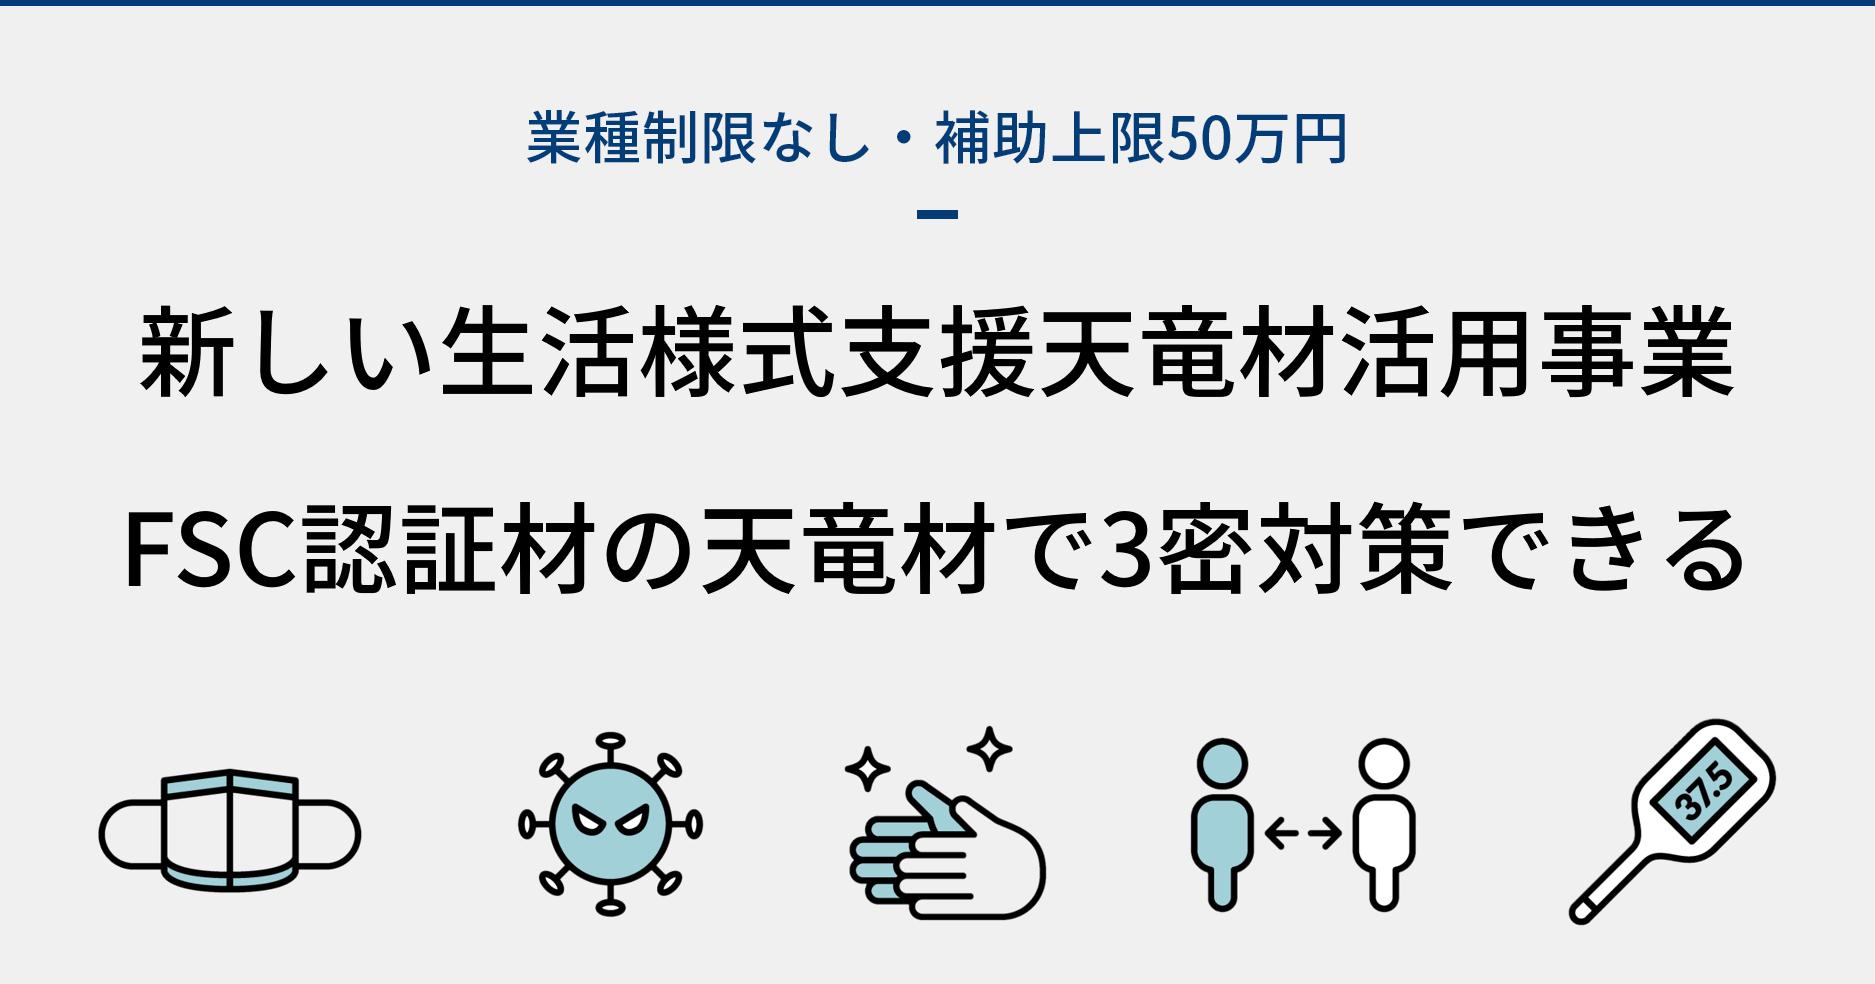 浜松市の新しい生活様式支援天竜材活用事業の解説